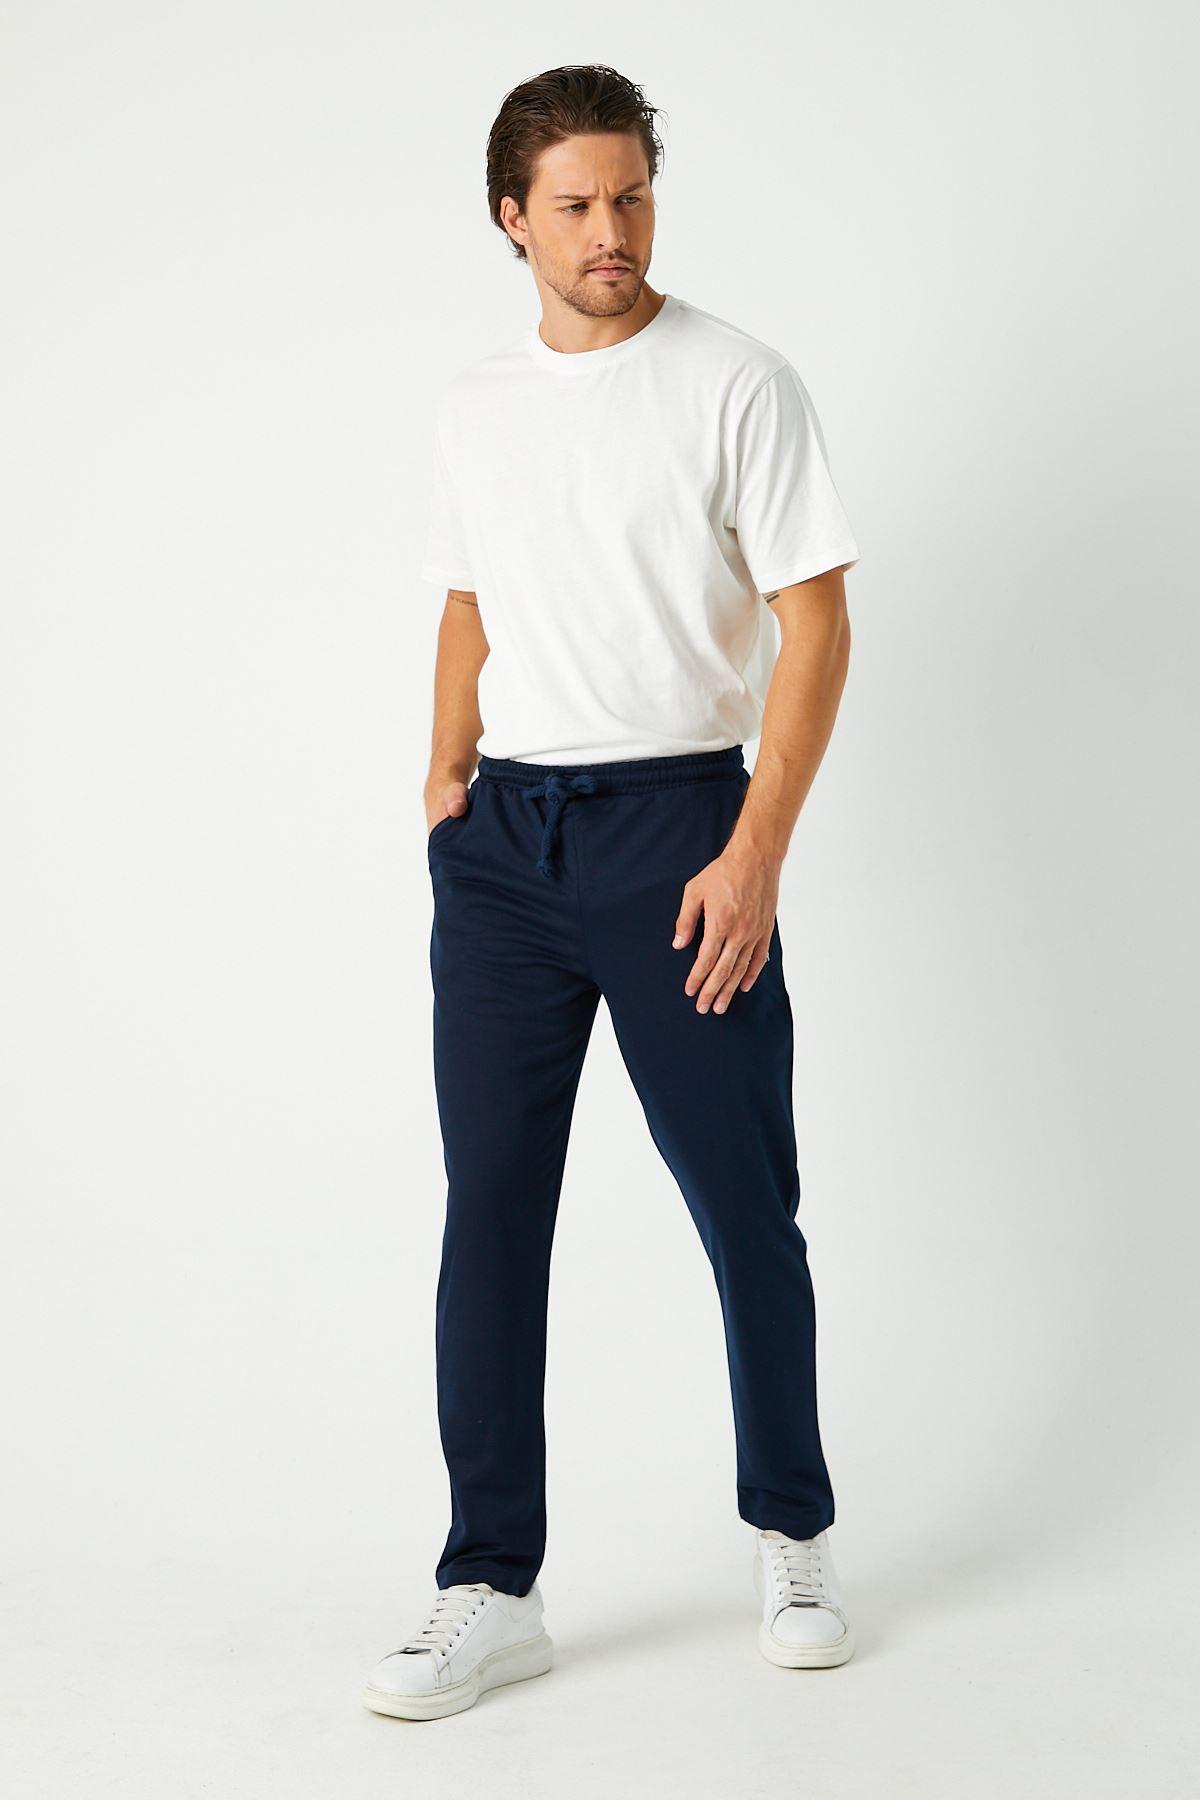 Erkek Sportwear Nakış Düz Paça Lacivert Eşofman Alt